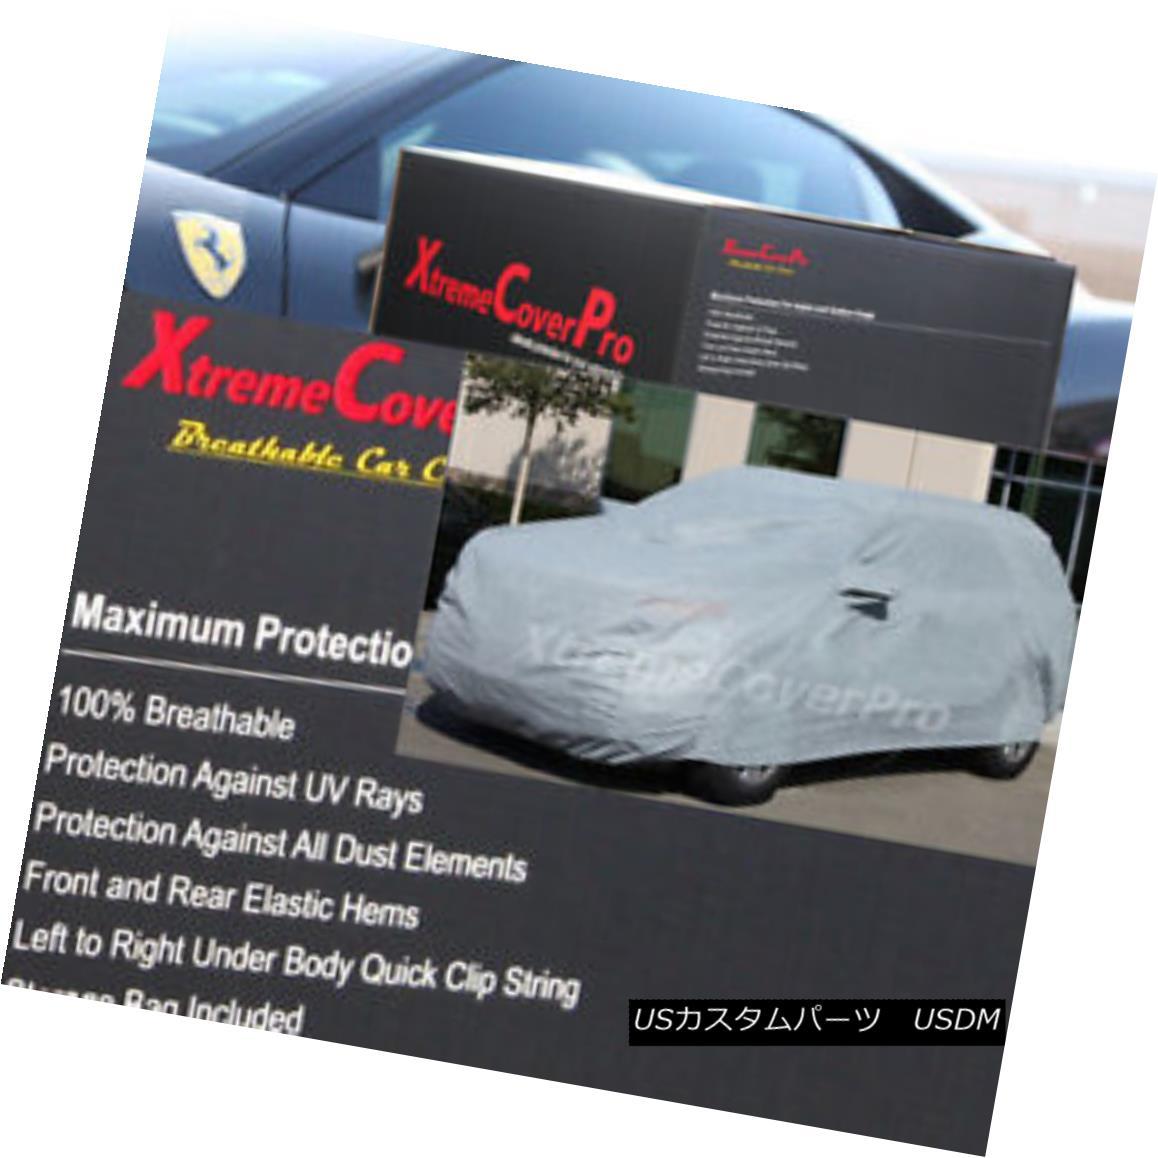 カーカバー BREATHABLE CAR COVER W/MIRROR POCKET-GREY FOR 2018 2017 2016 2015 NISSAN MURANO 2018年ブレイターブルカーカバーW /ミラーポケットグレイ2017 2016 2015日産ムラノ